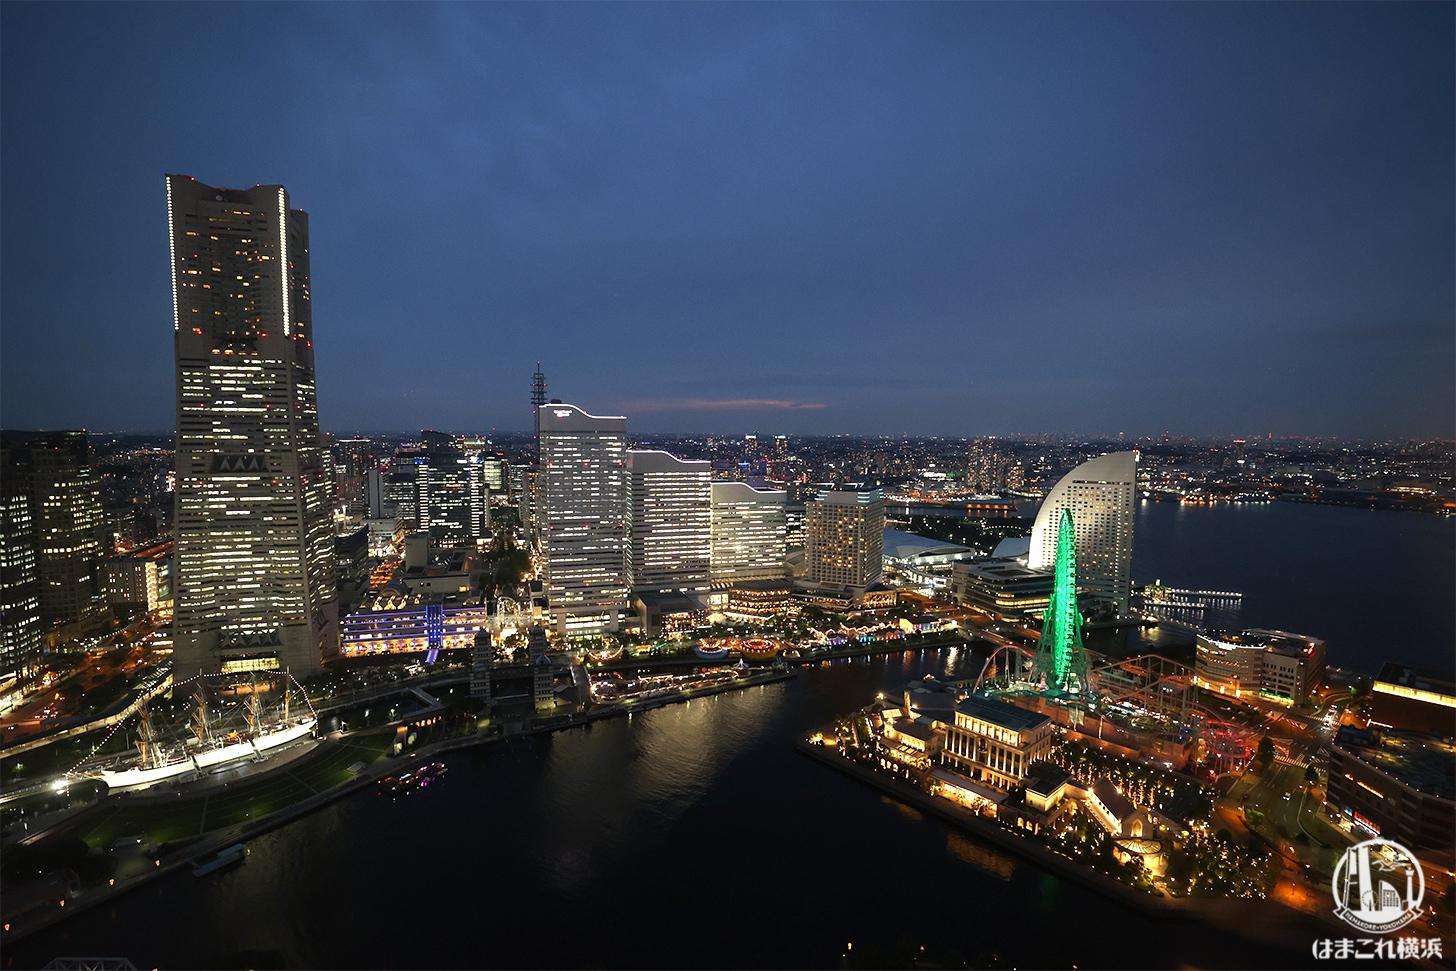 夜景も凄すぎ!横浜北仲ノット(ザ・タワー横浜北仲)無料展望台46階から見た世界